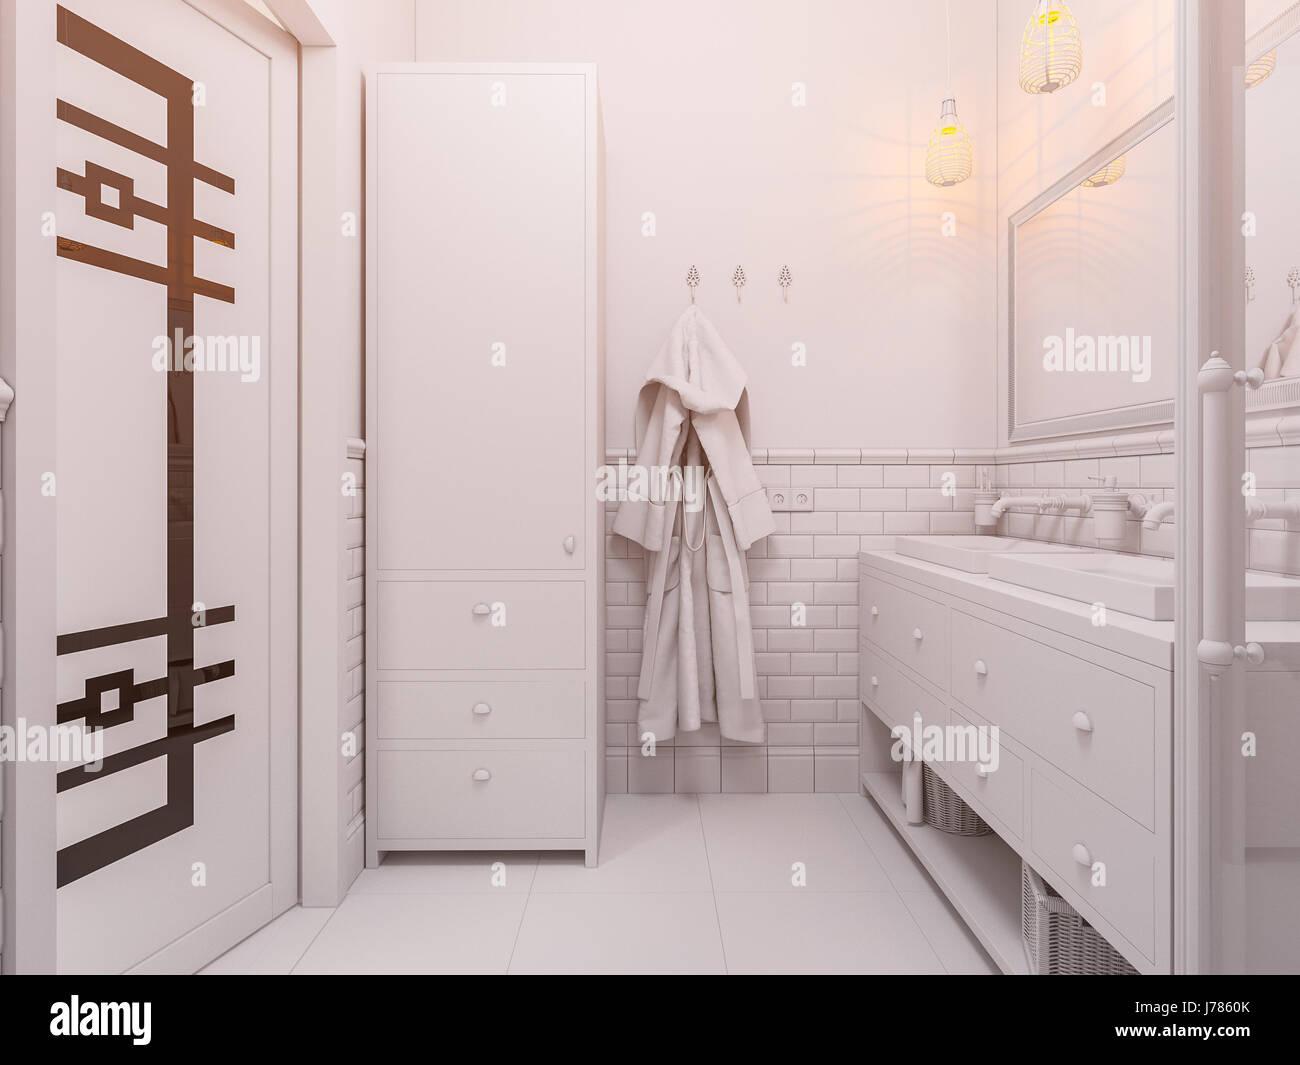 D illustrazione di un bagno di design interno in classico stile